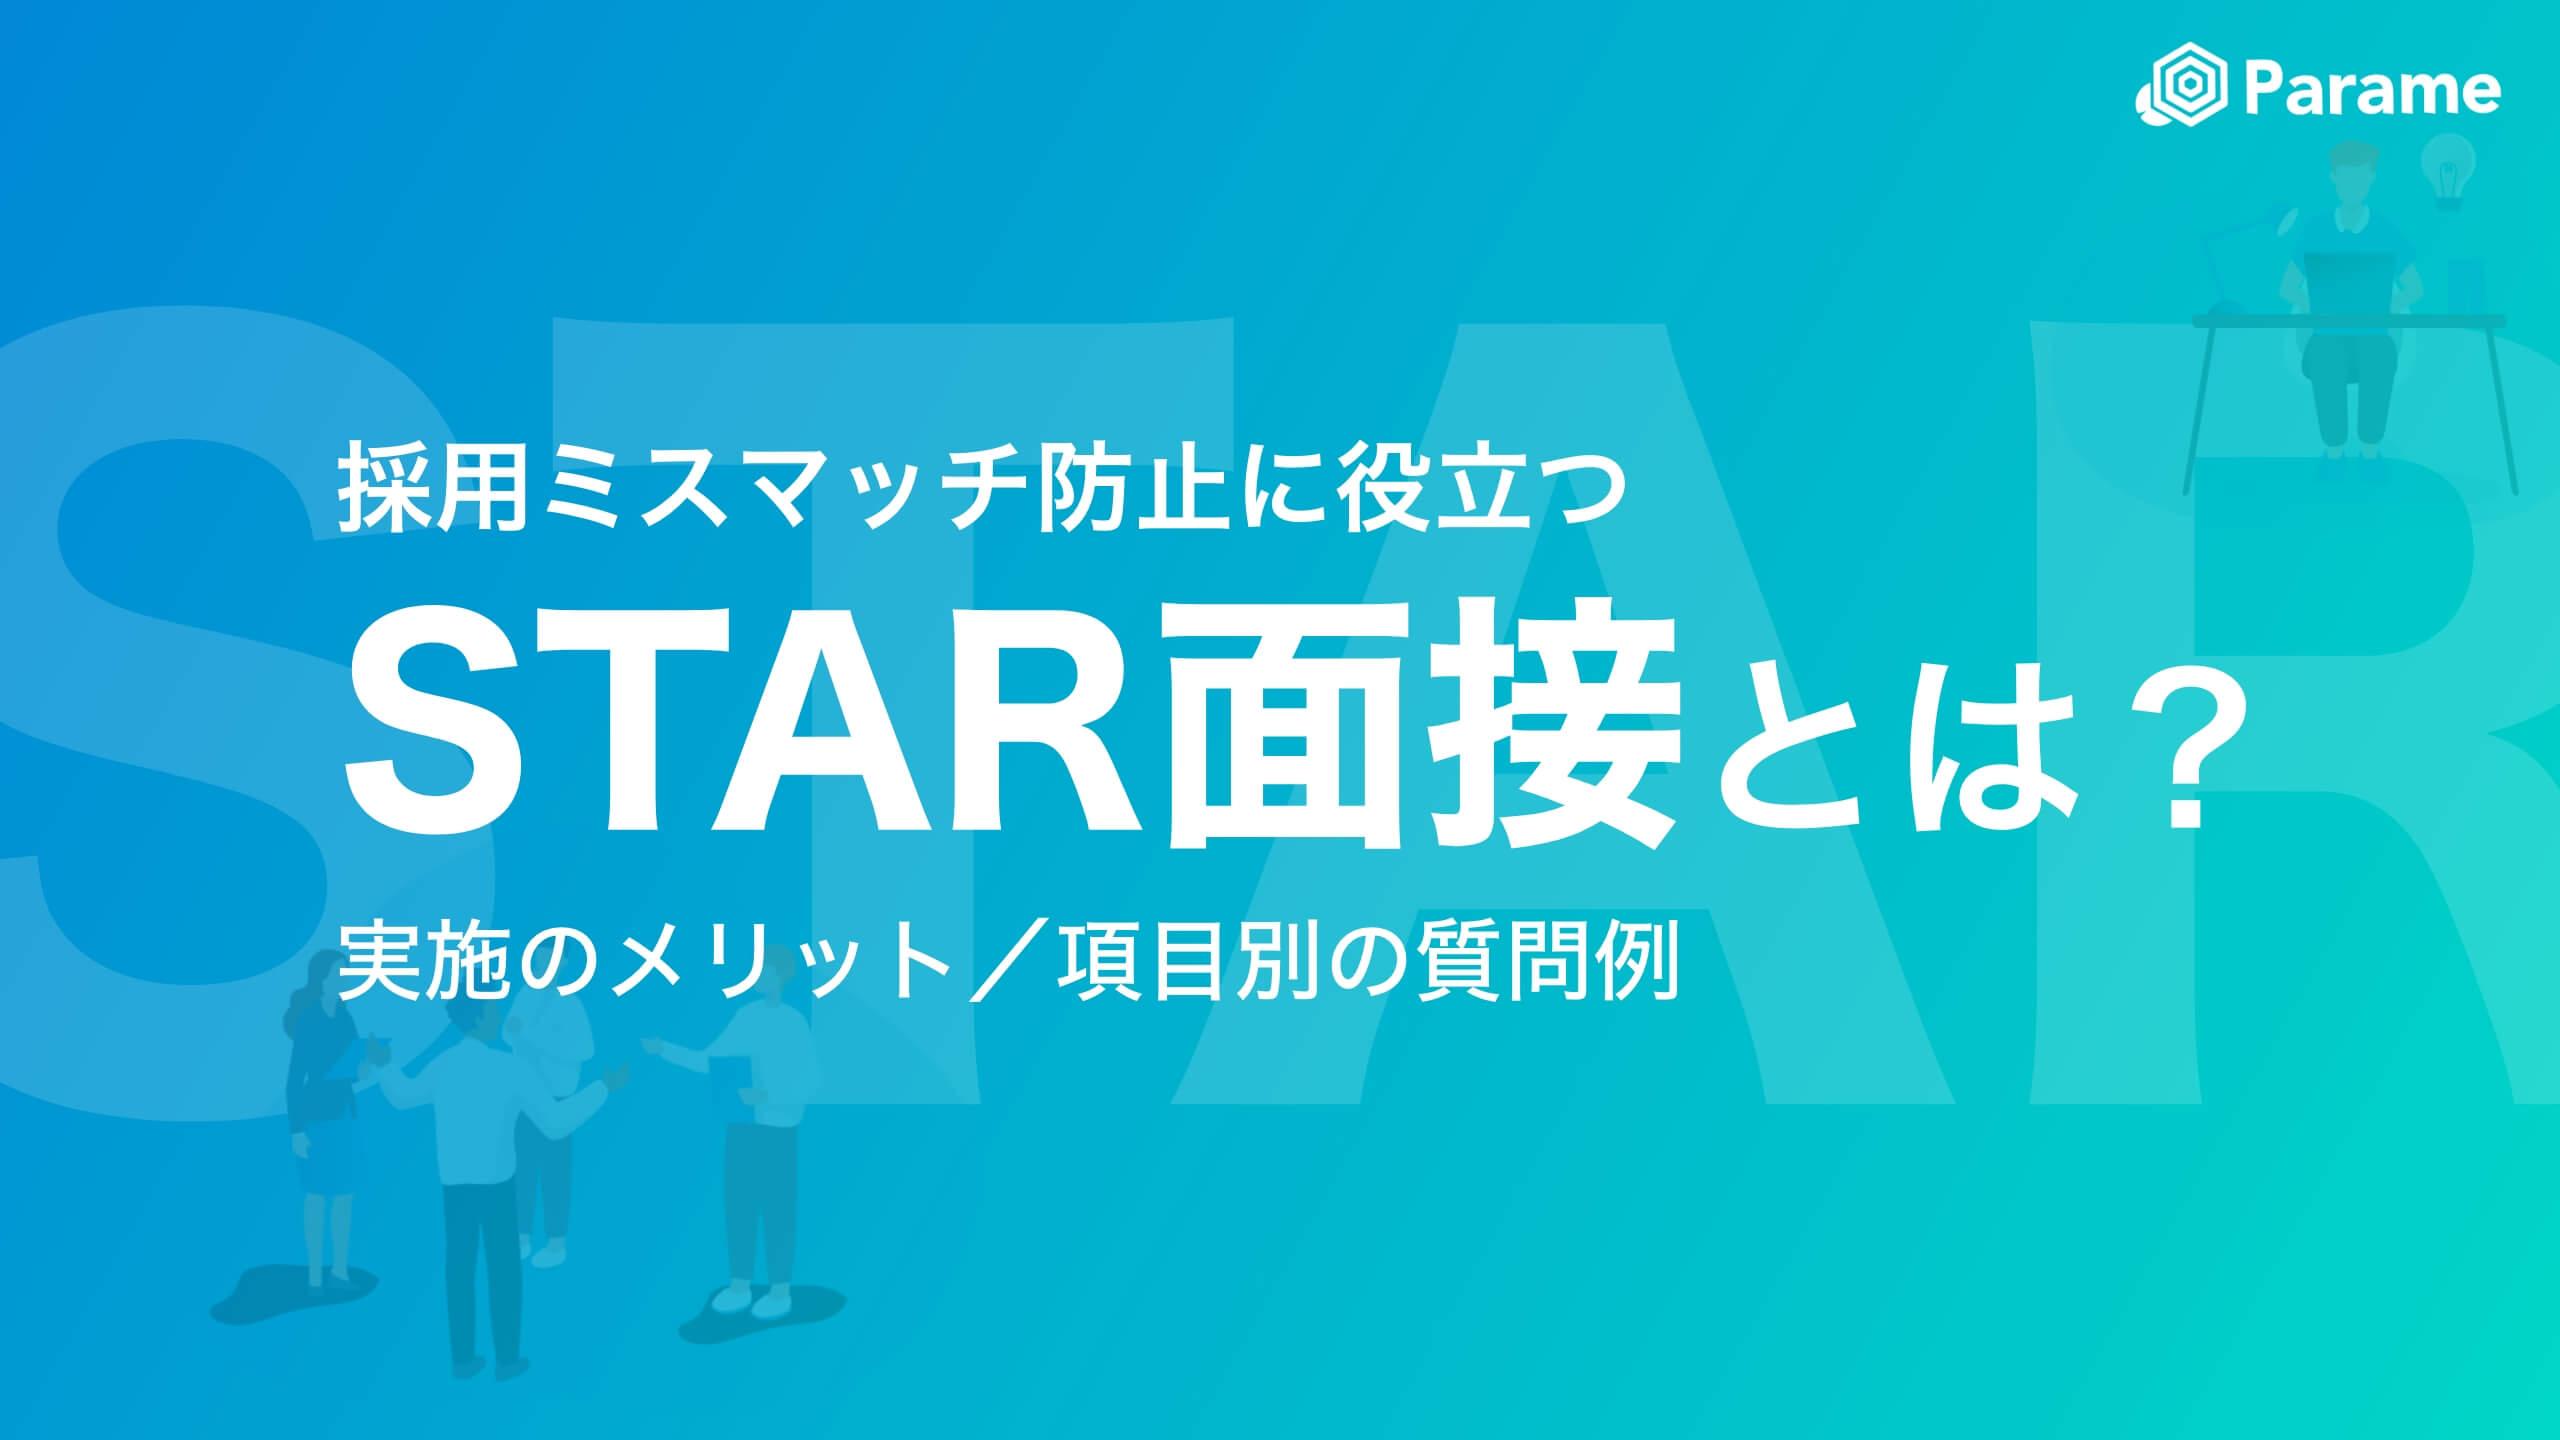 STAR面接(行動面接)とは?STAR面接のメリットや実施のポイントを紹介